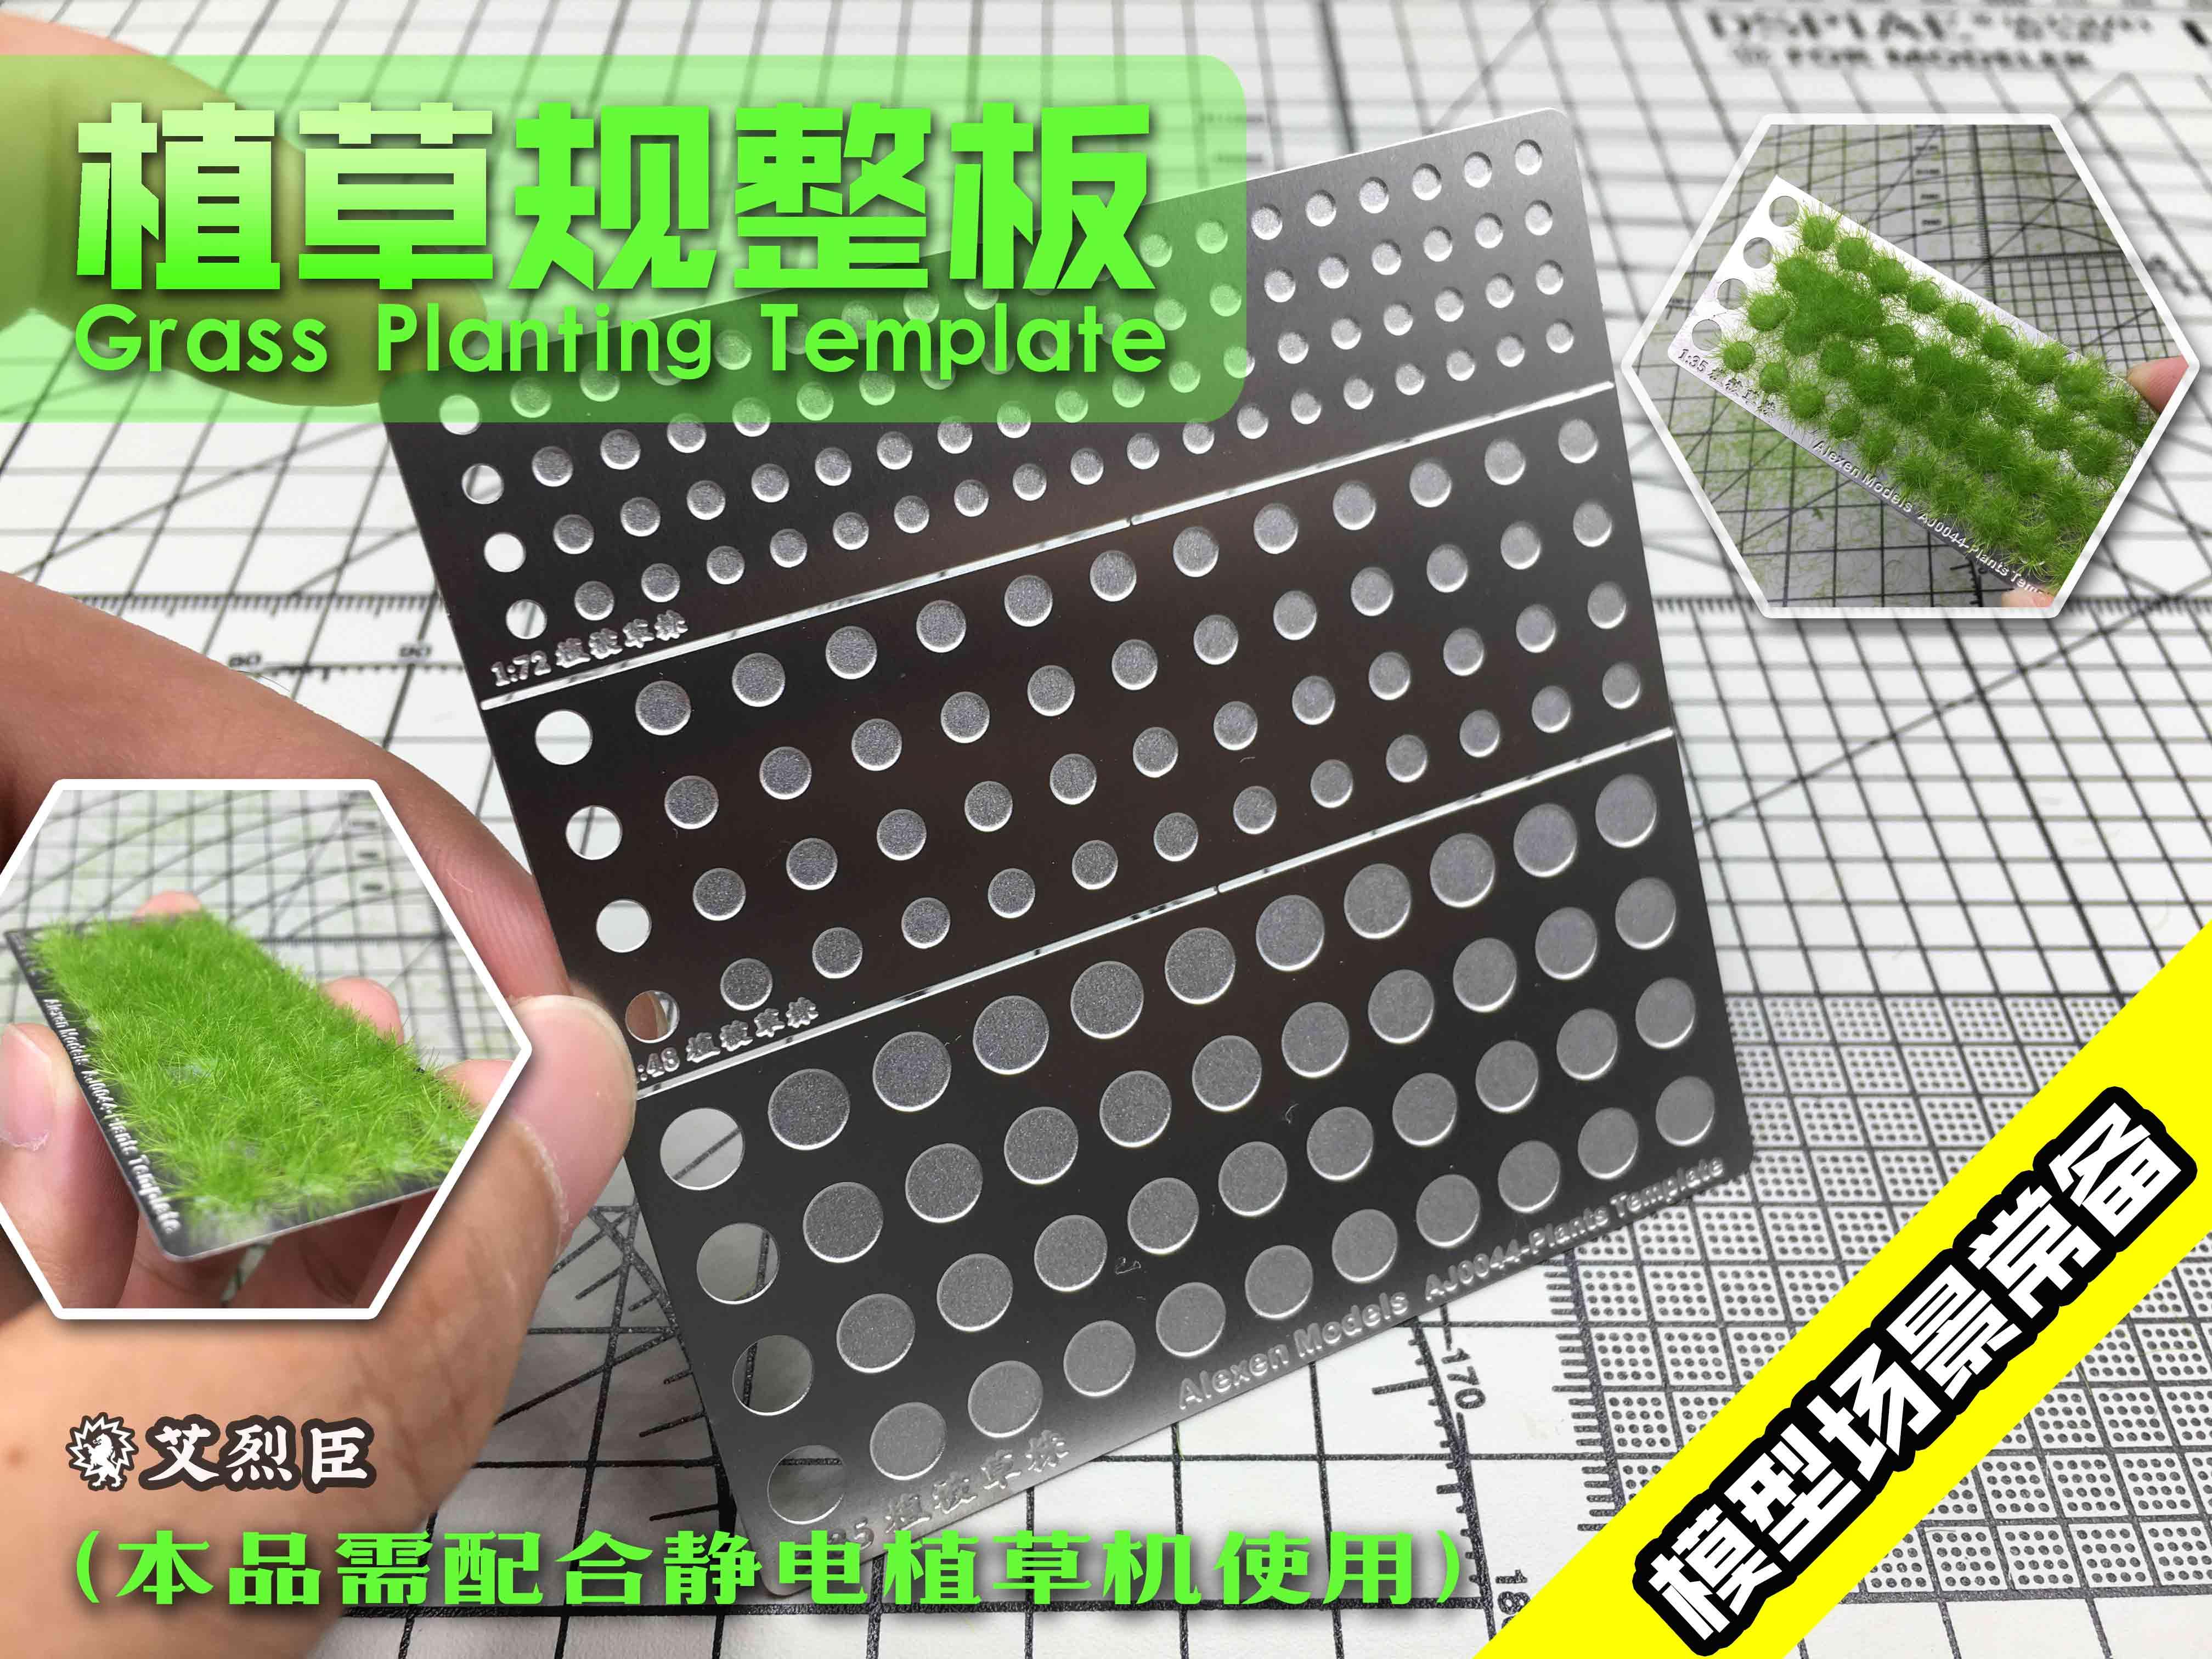 【艾烈臣】AJ0044 场景模型植草用+种草规整用 植草辅助模板